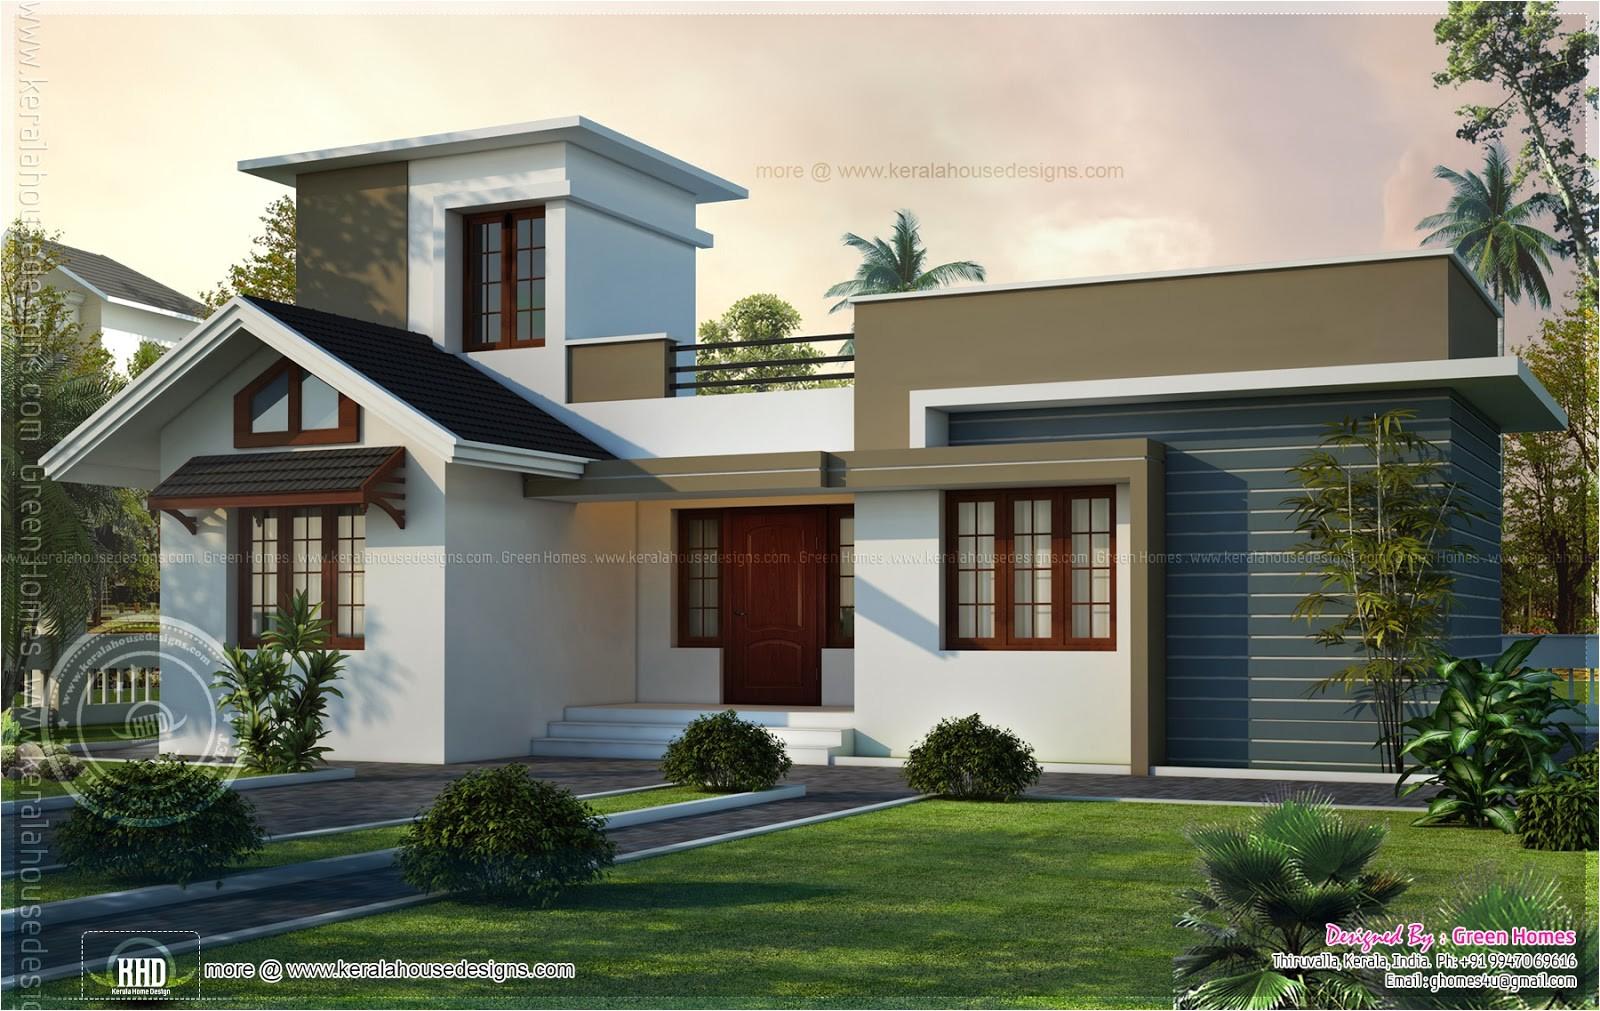 adorable small house design kerala